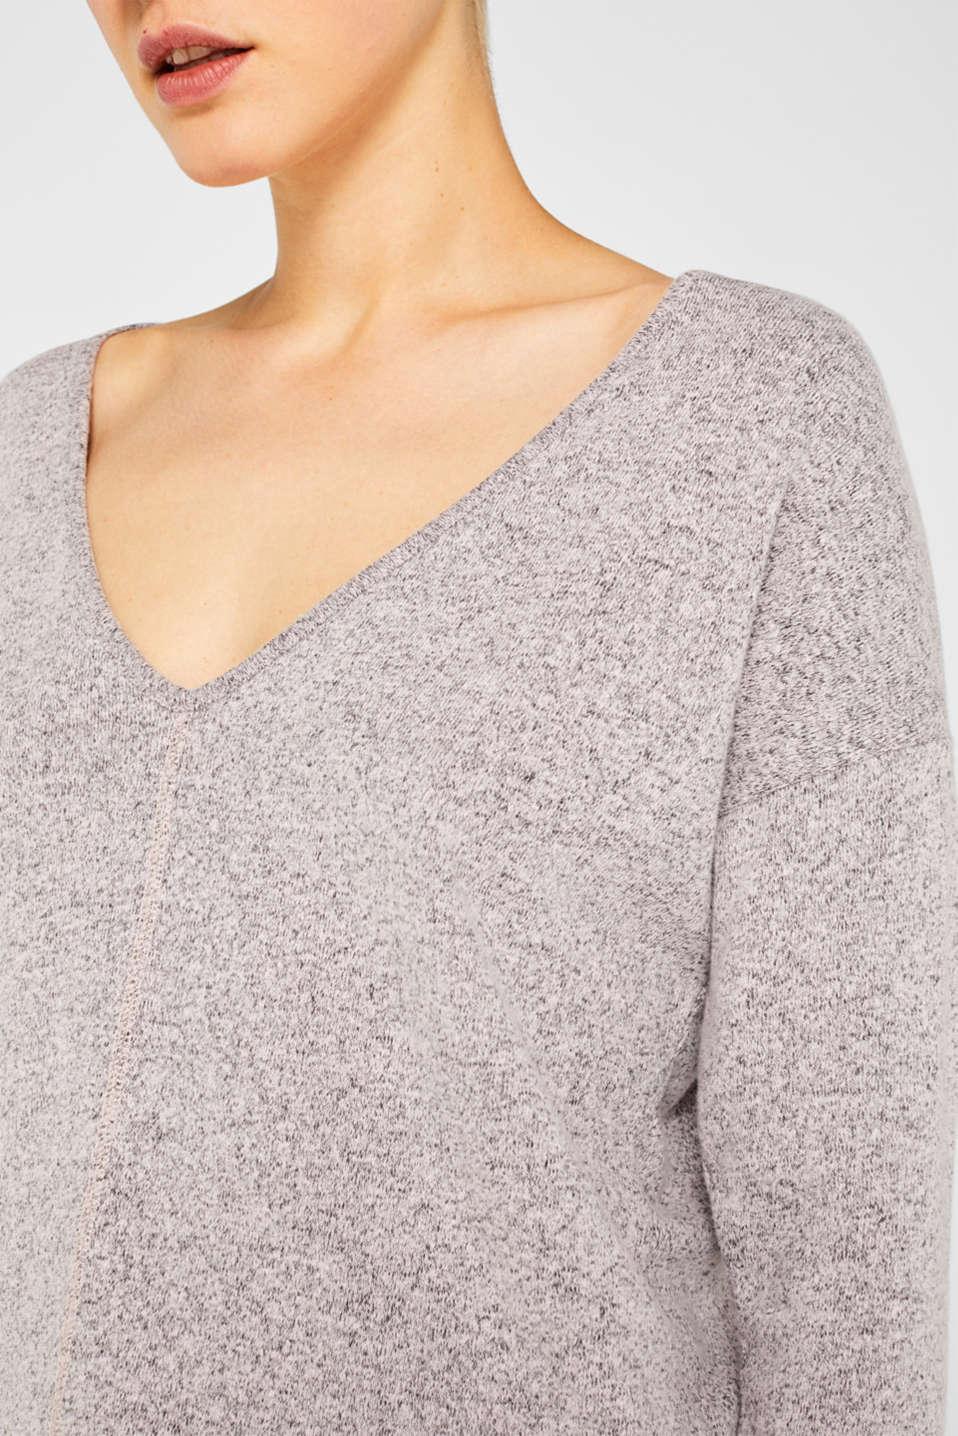 Sweatshirts, OLD PINK 2, detail image number 2